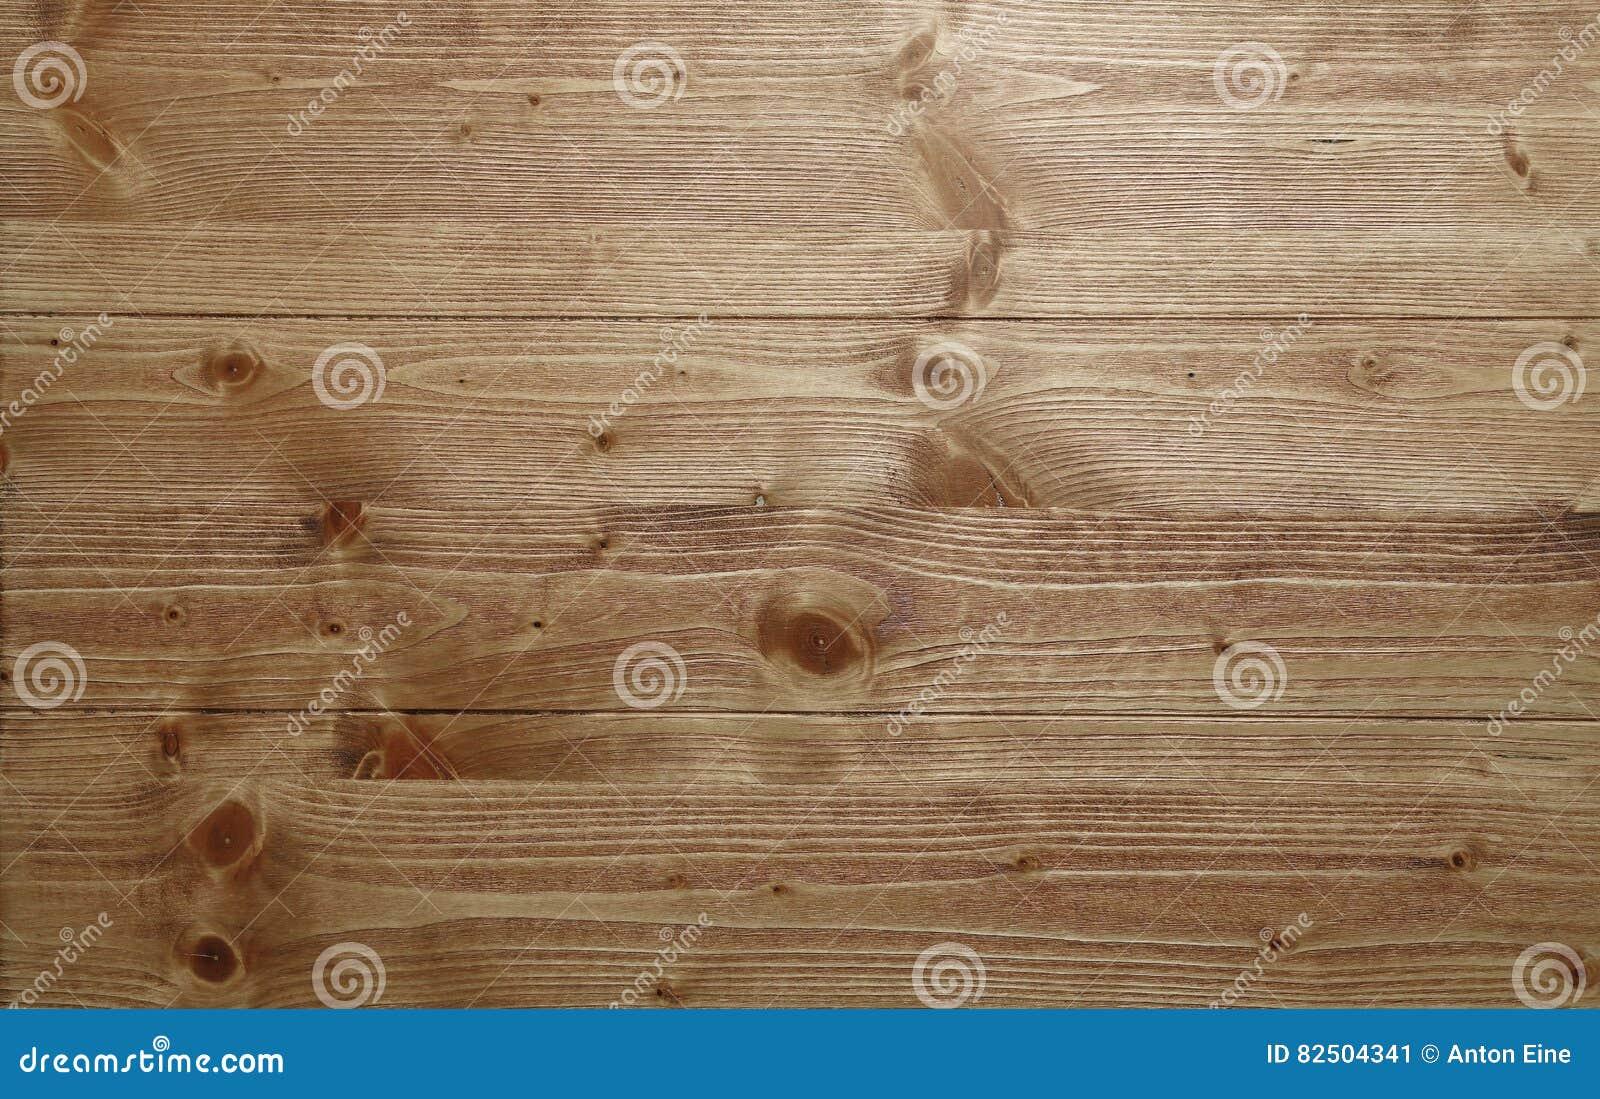 Cierre de madera cepillado de la textura de los tablones - Cierres de madera ...